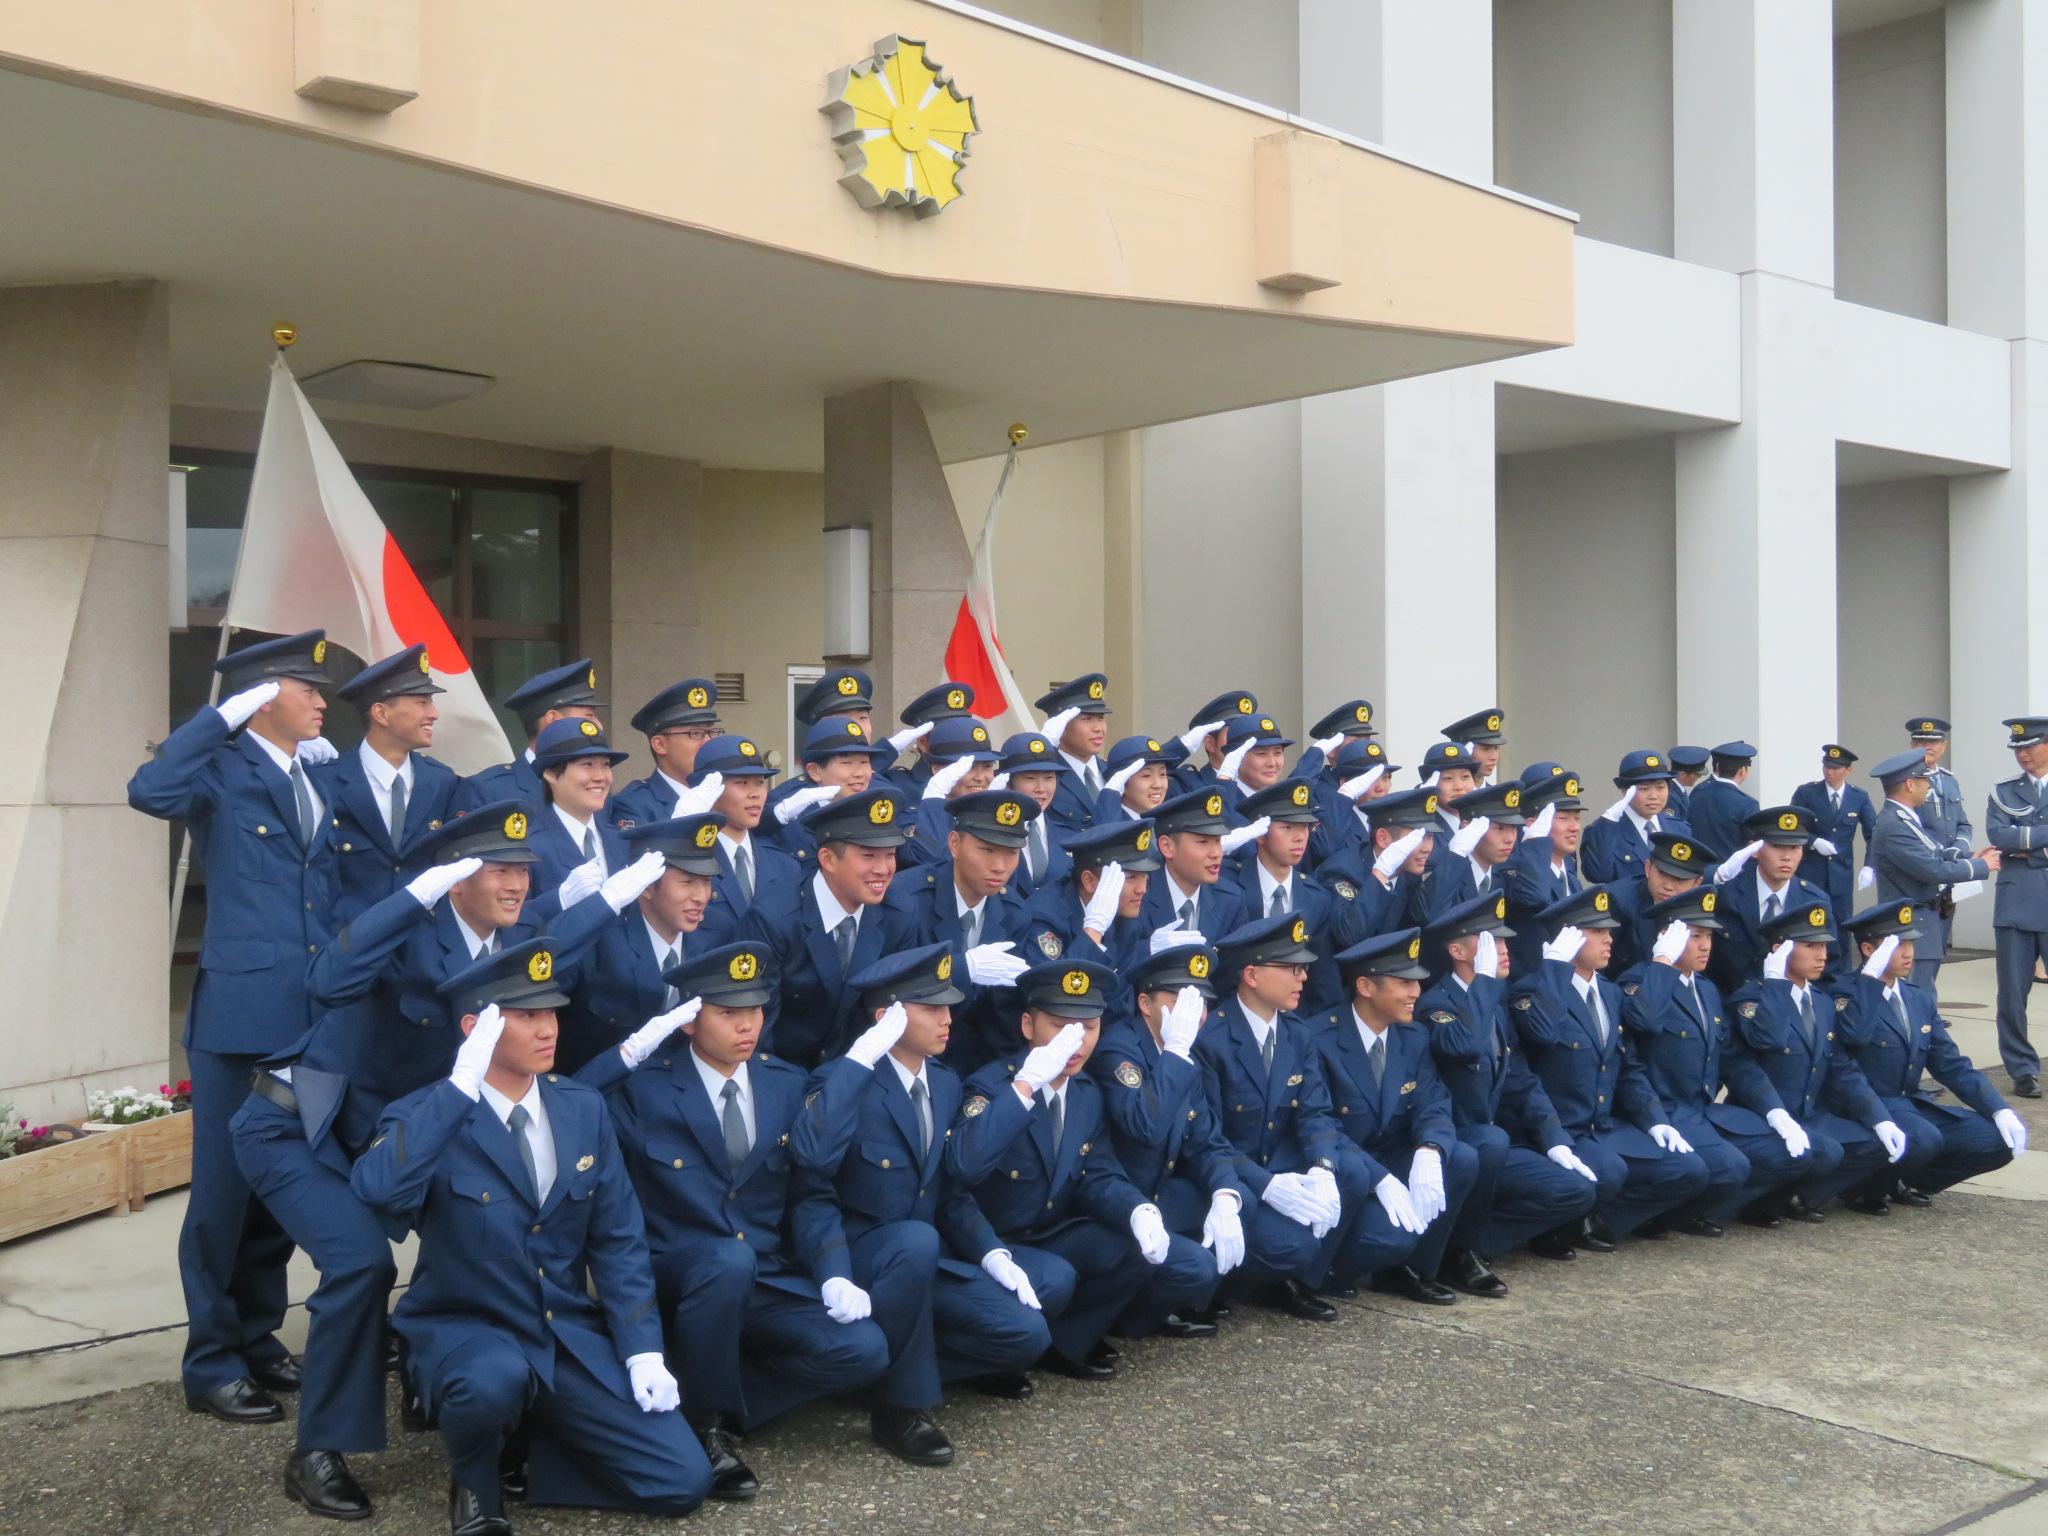 和歌山の警察|和歌山県警察学校...